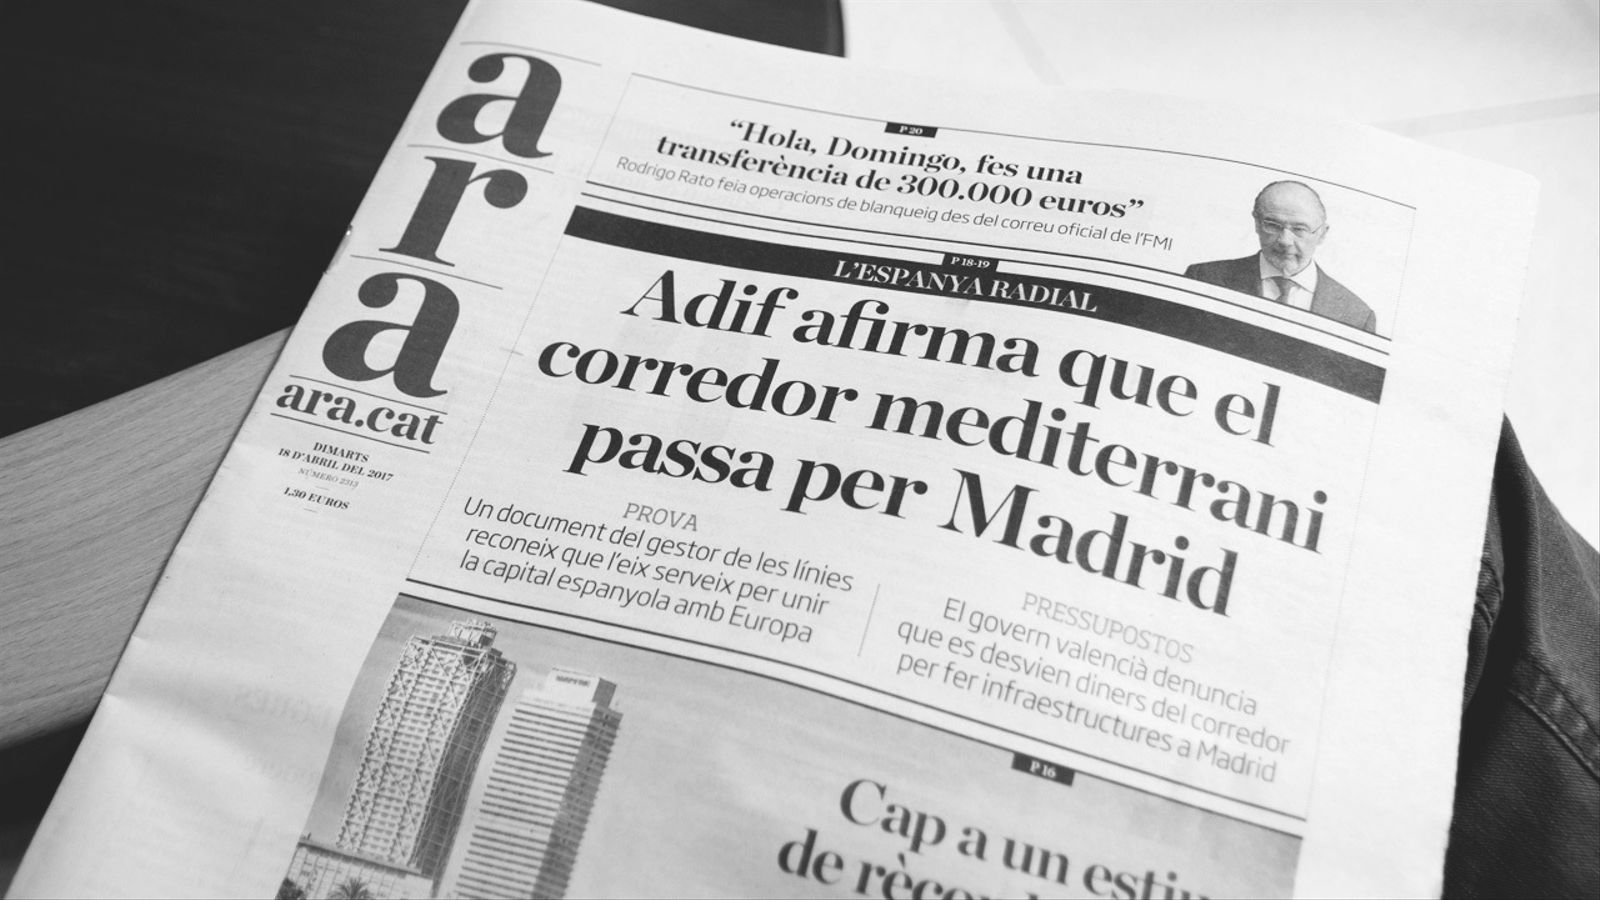 L'anàlisi d'Antoni Bassas: 'Madrid, port de mar'